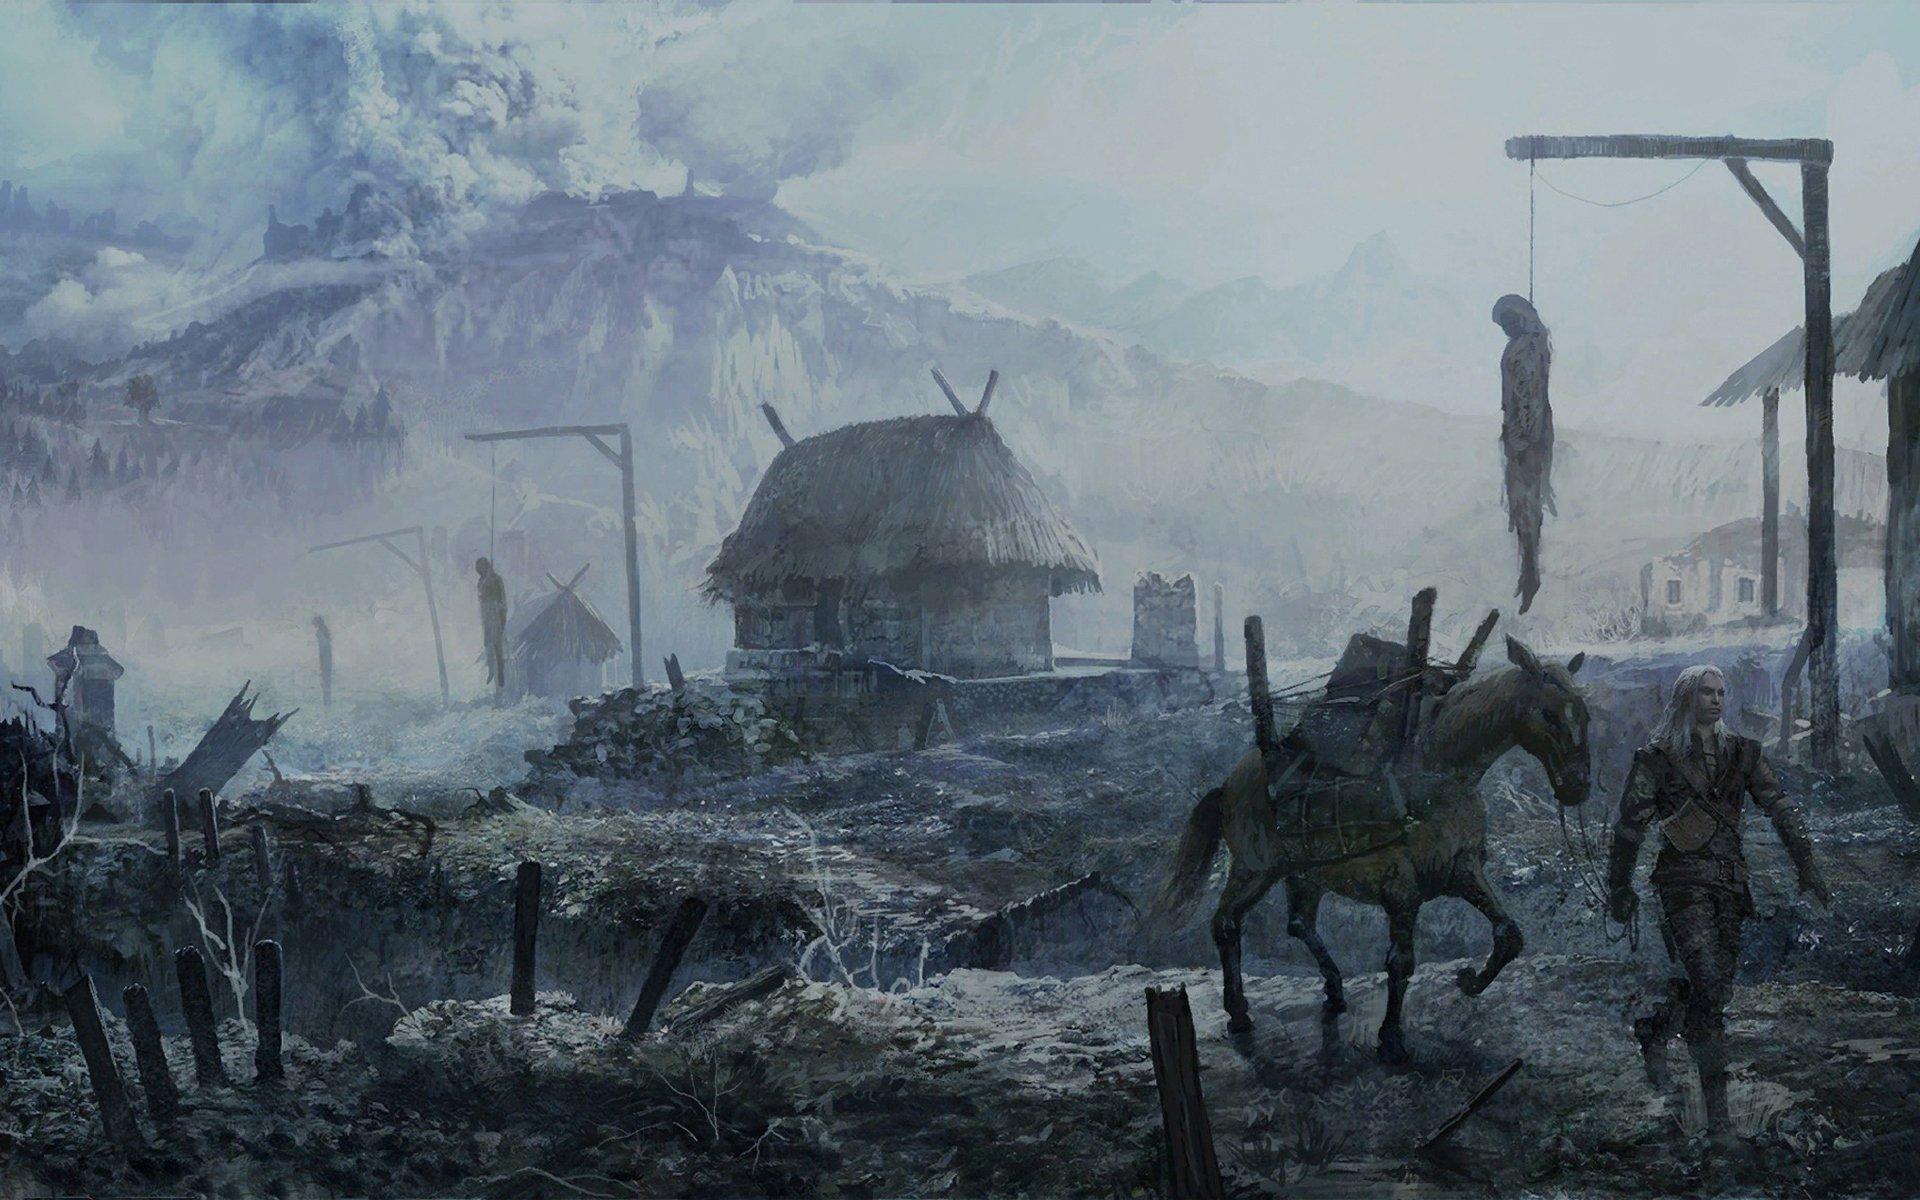 The Witcher 3: Wild Hunt. В ожидании игры.    Пока мы все с нетерпением ждем выхода игры, предлагаю тем кто мало чег ... - Изображение 2